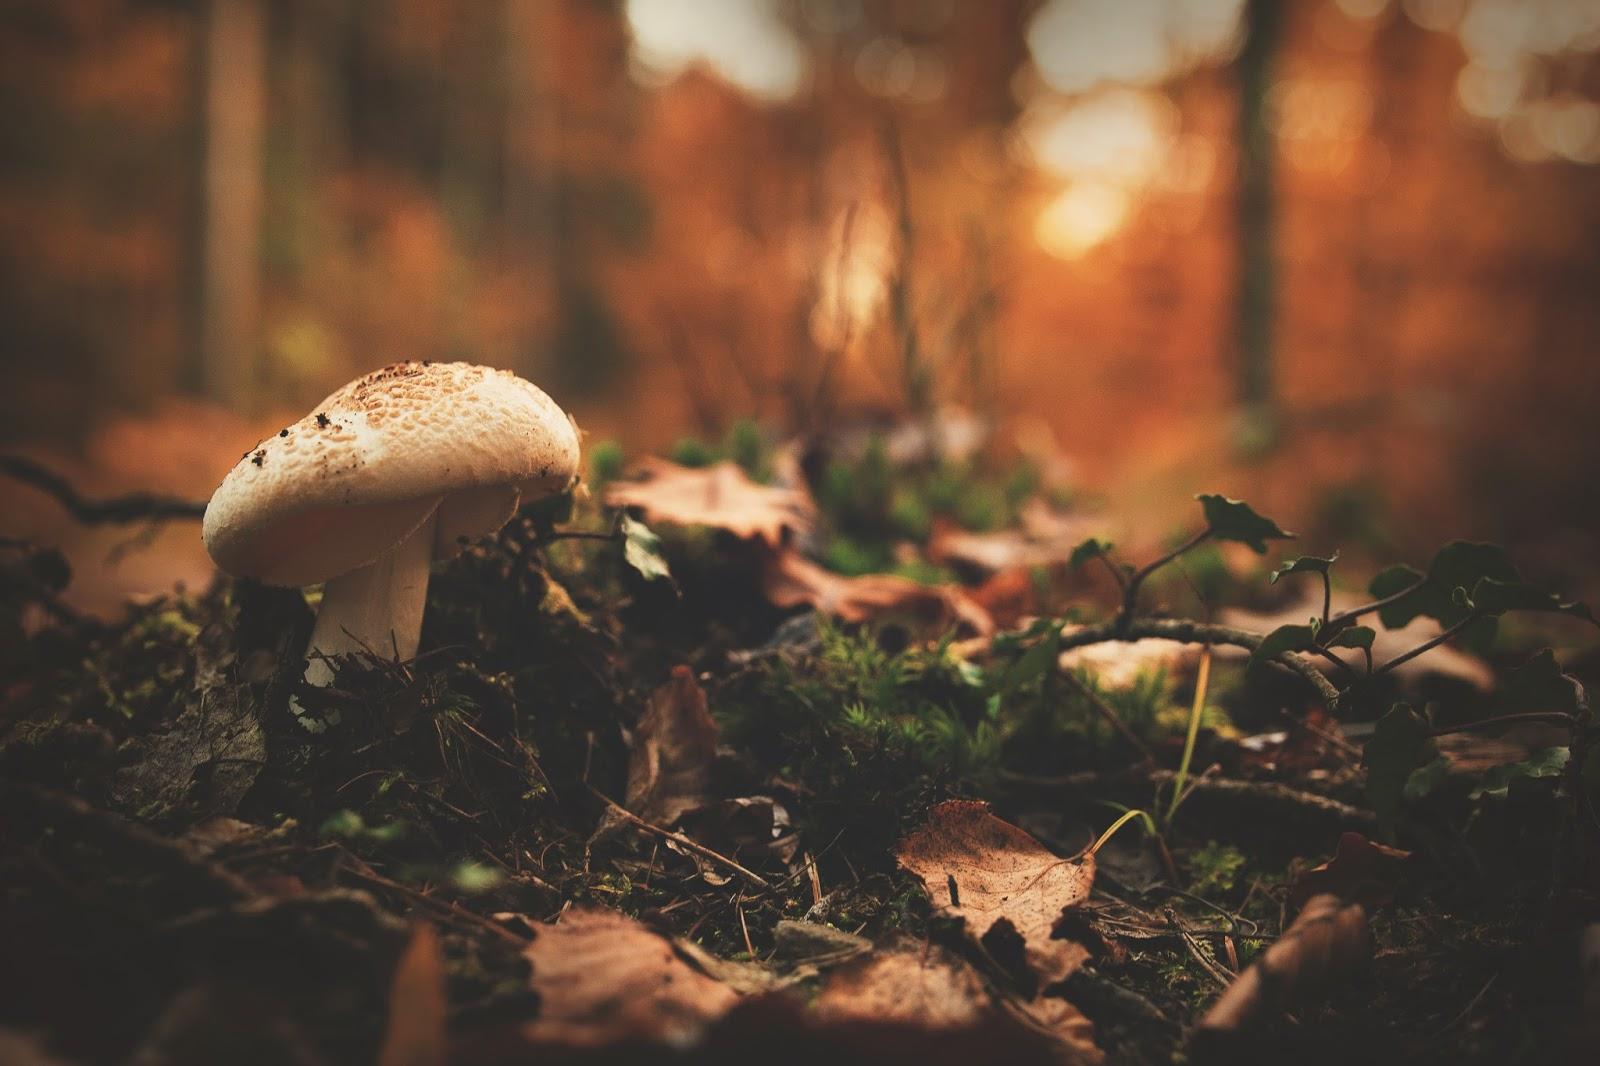 Mushroom In The Forest Between Leaves Desktop Wallpaper